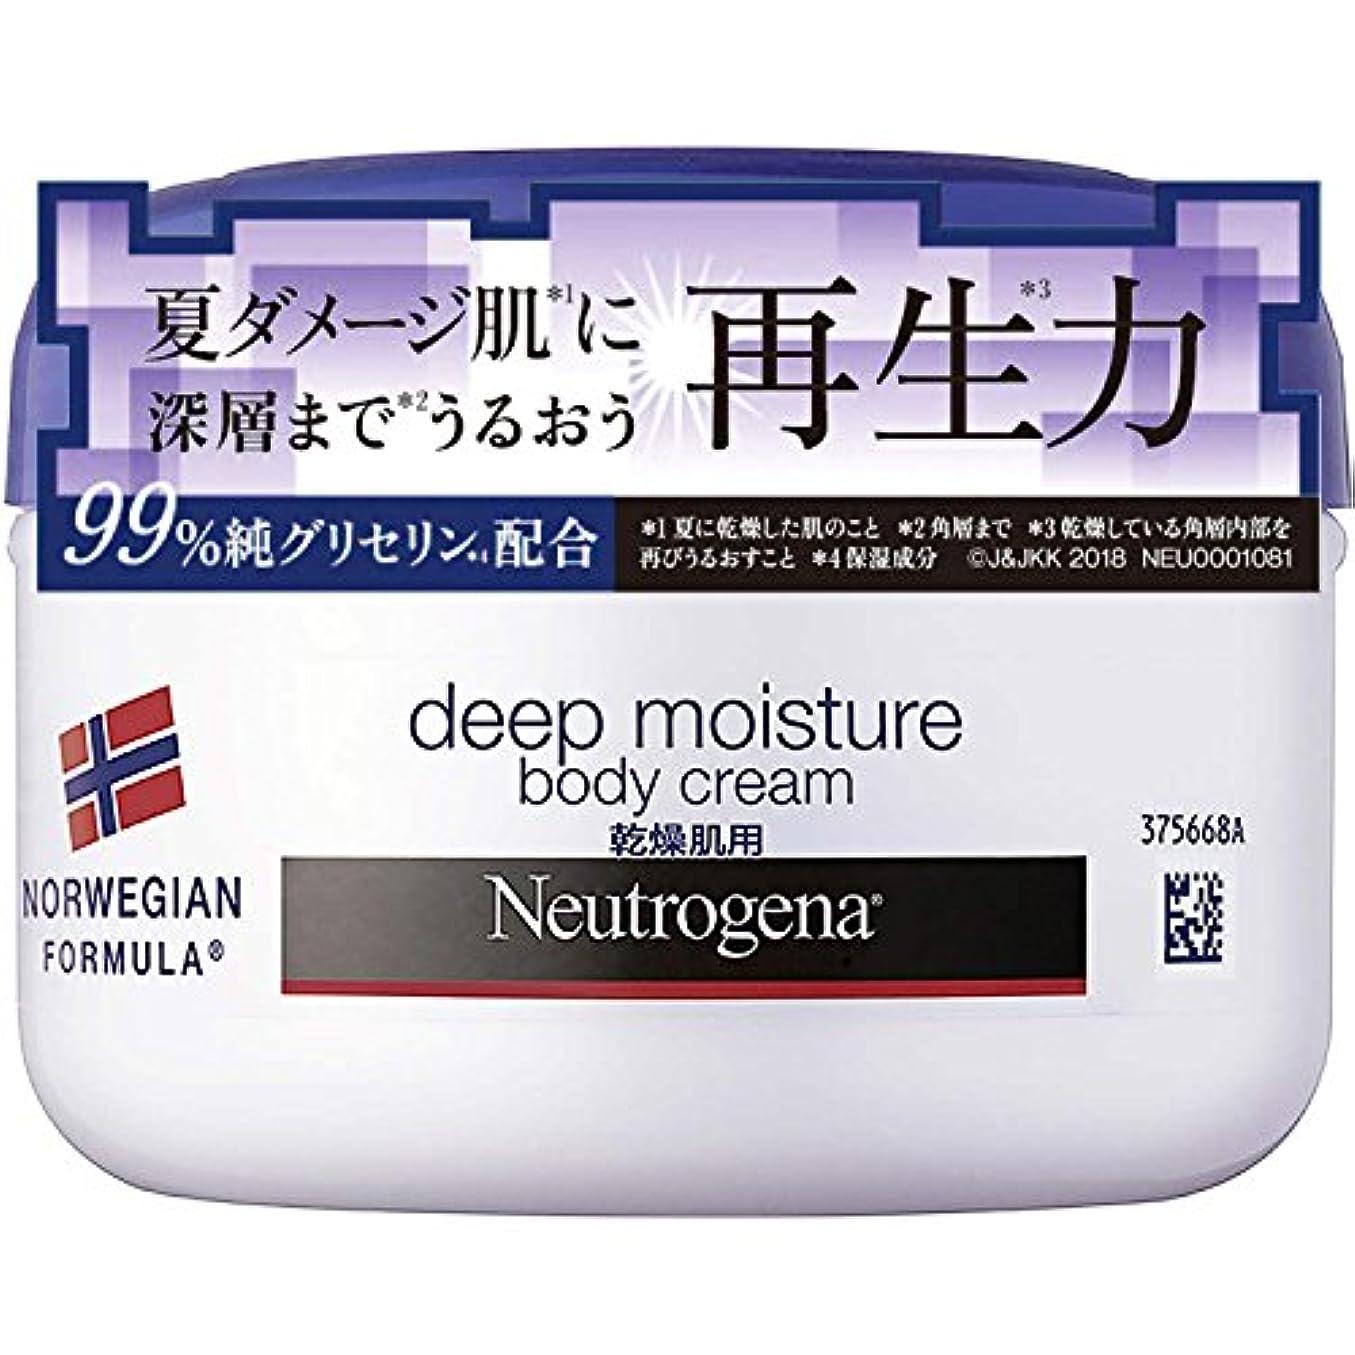 怠な安心させる延期するNeutrogena(ニュートロジーナ) ノルウェーフォーミュラ ディープモイスチャー ボディクリーム 微香性 200g